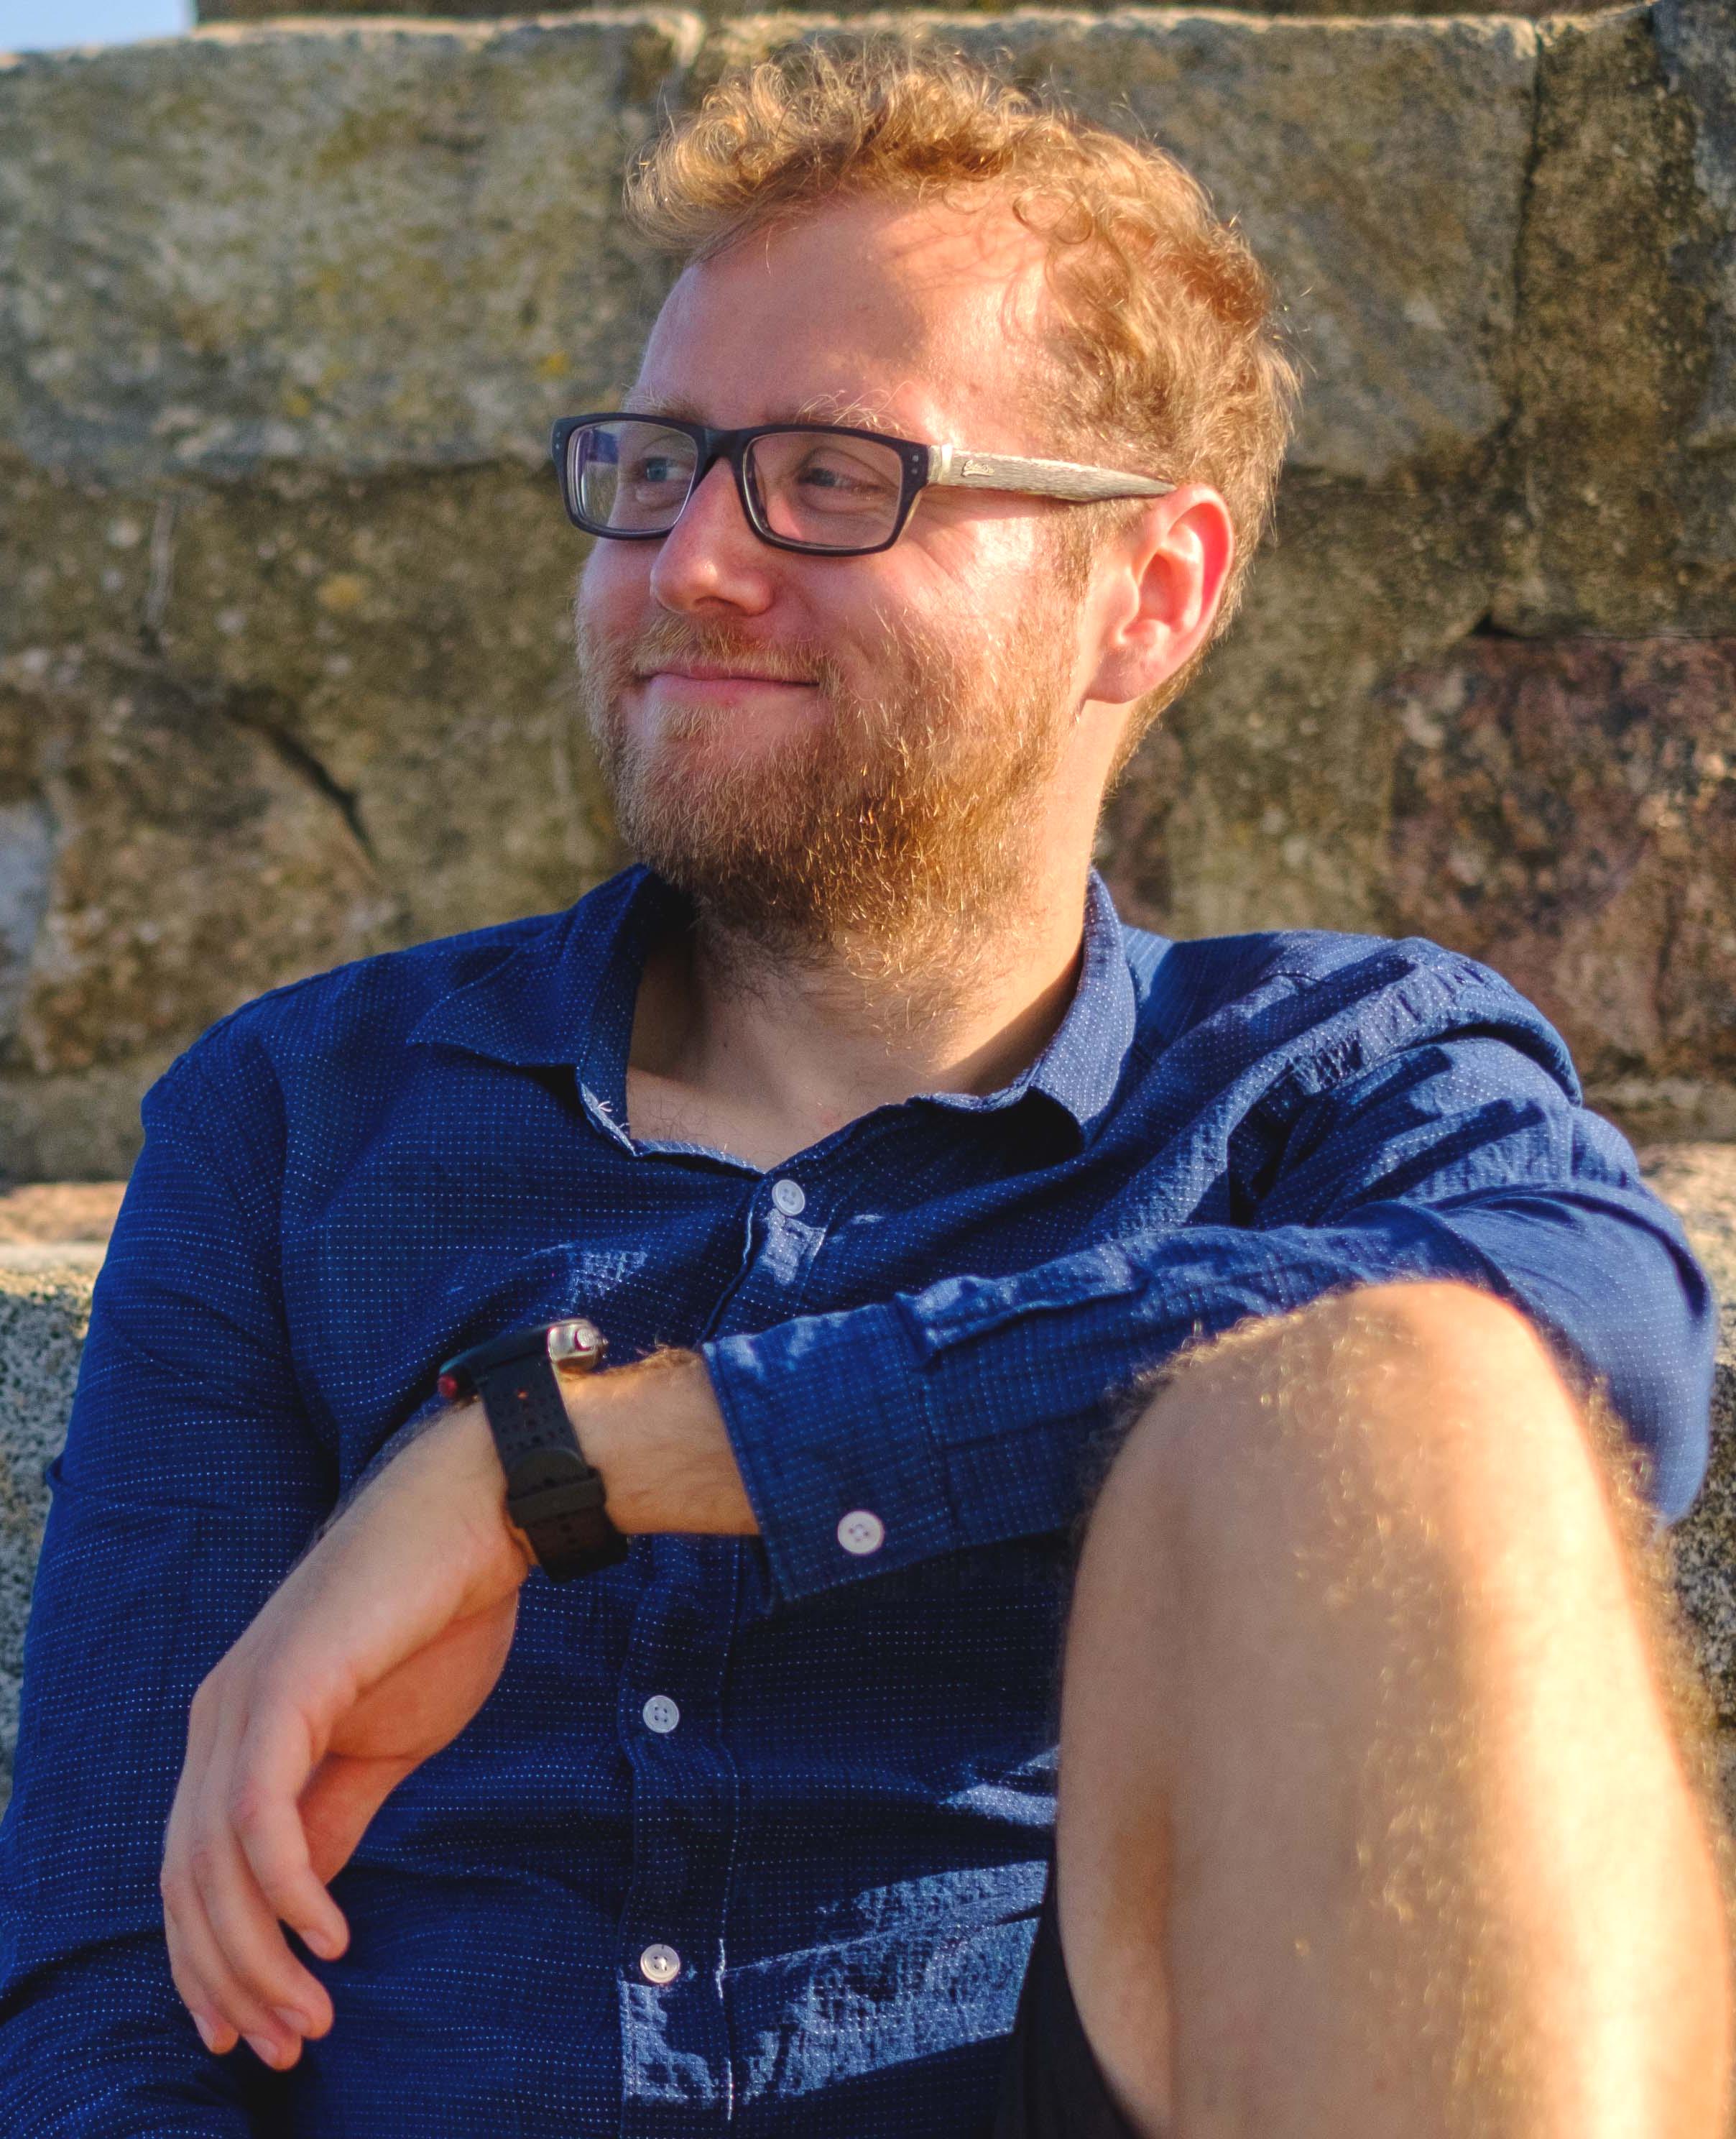 Martin Gehrke